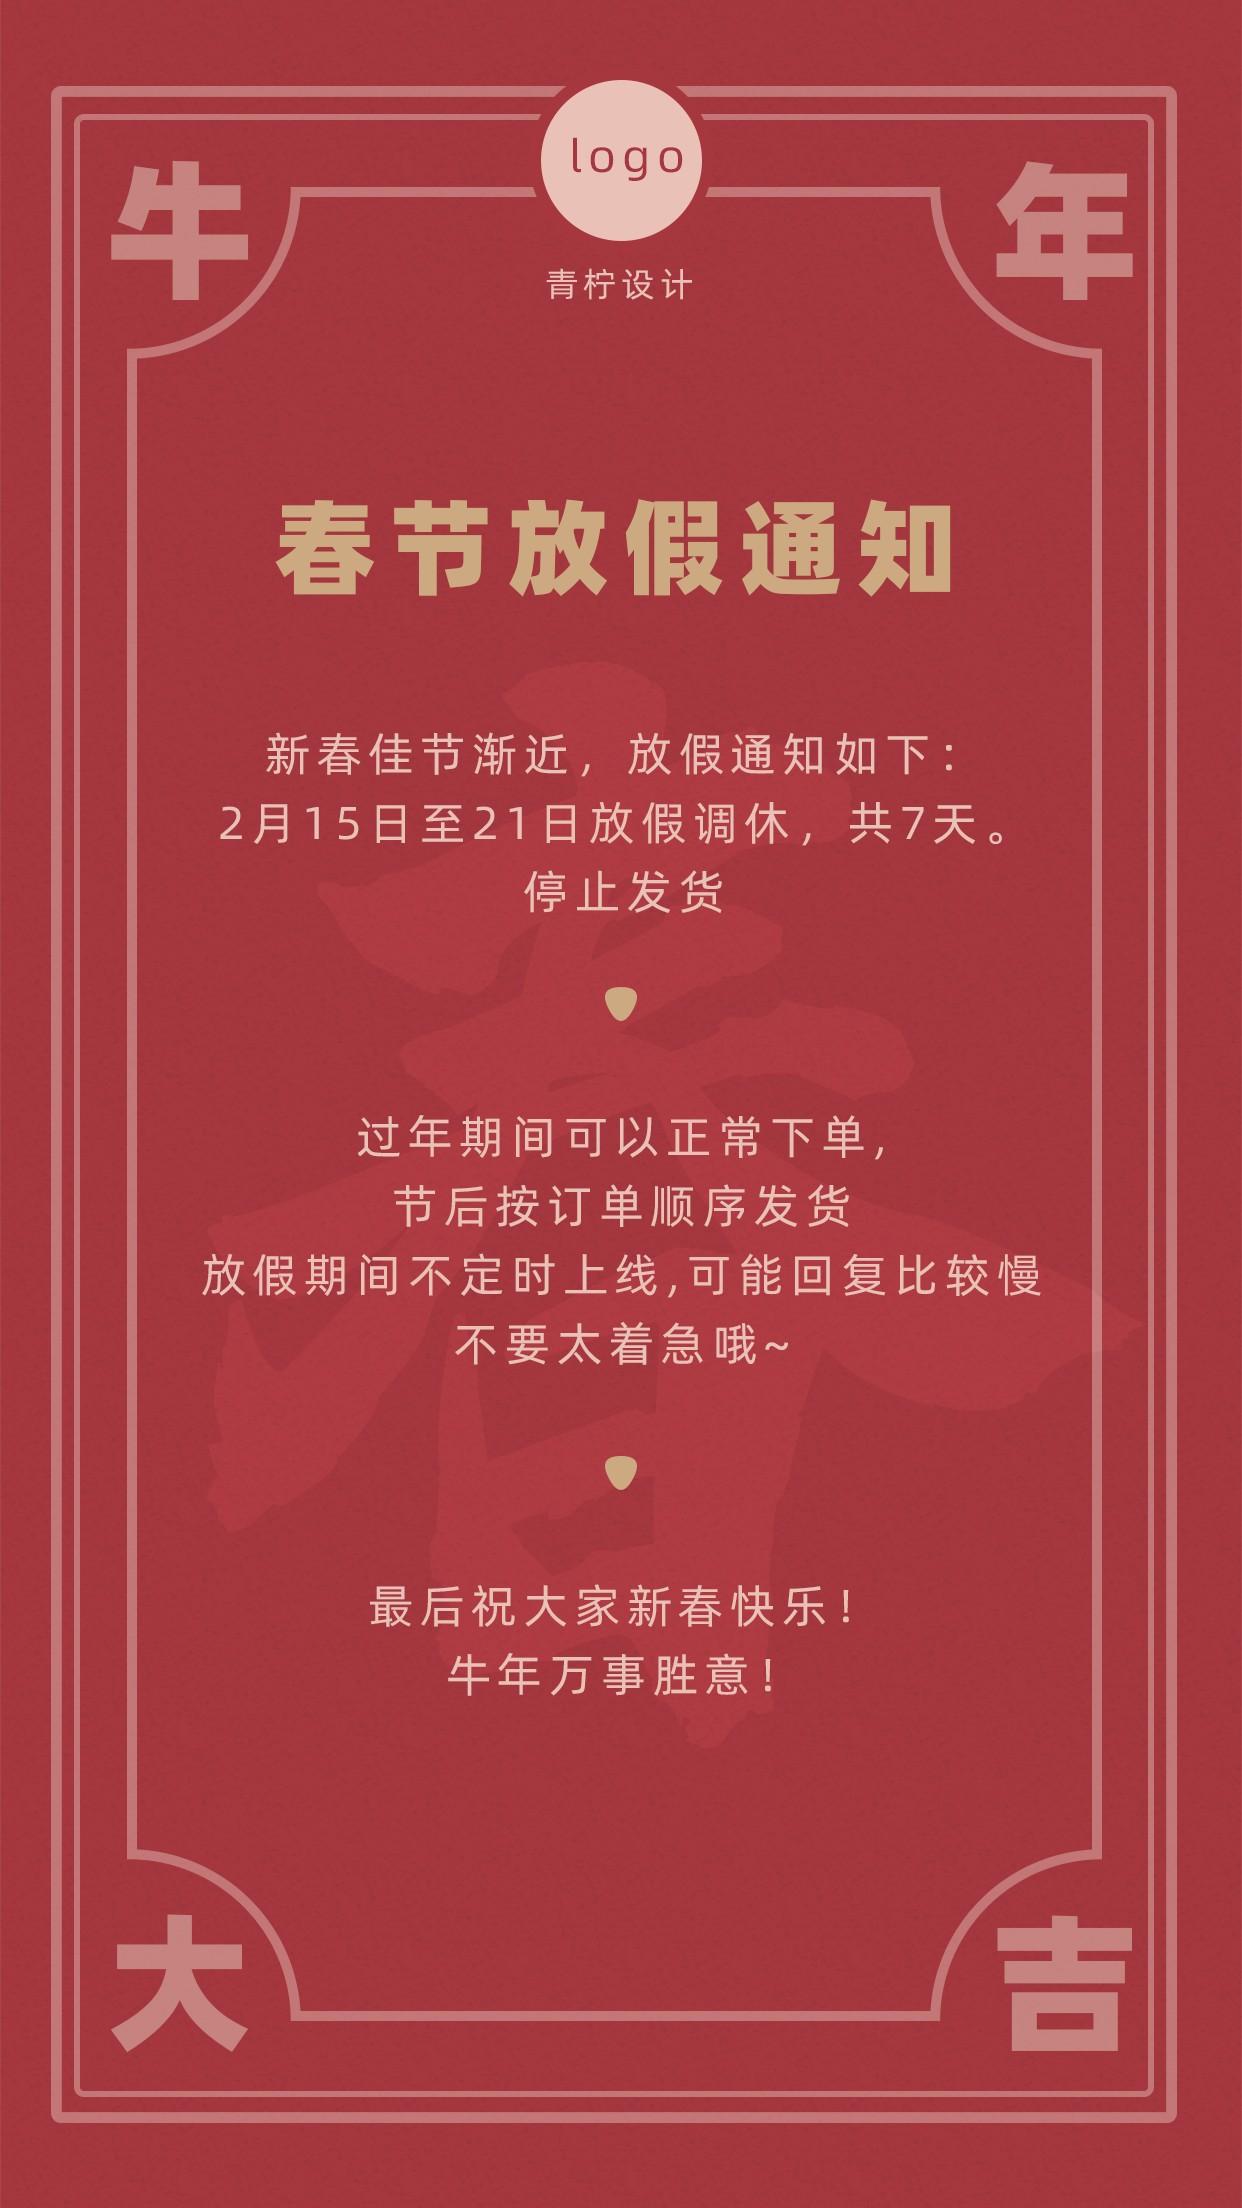 喜庆企业商务新年通知公告